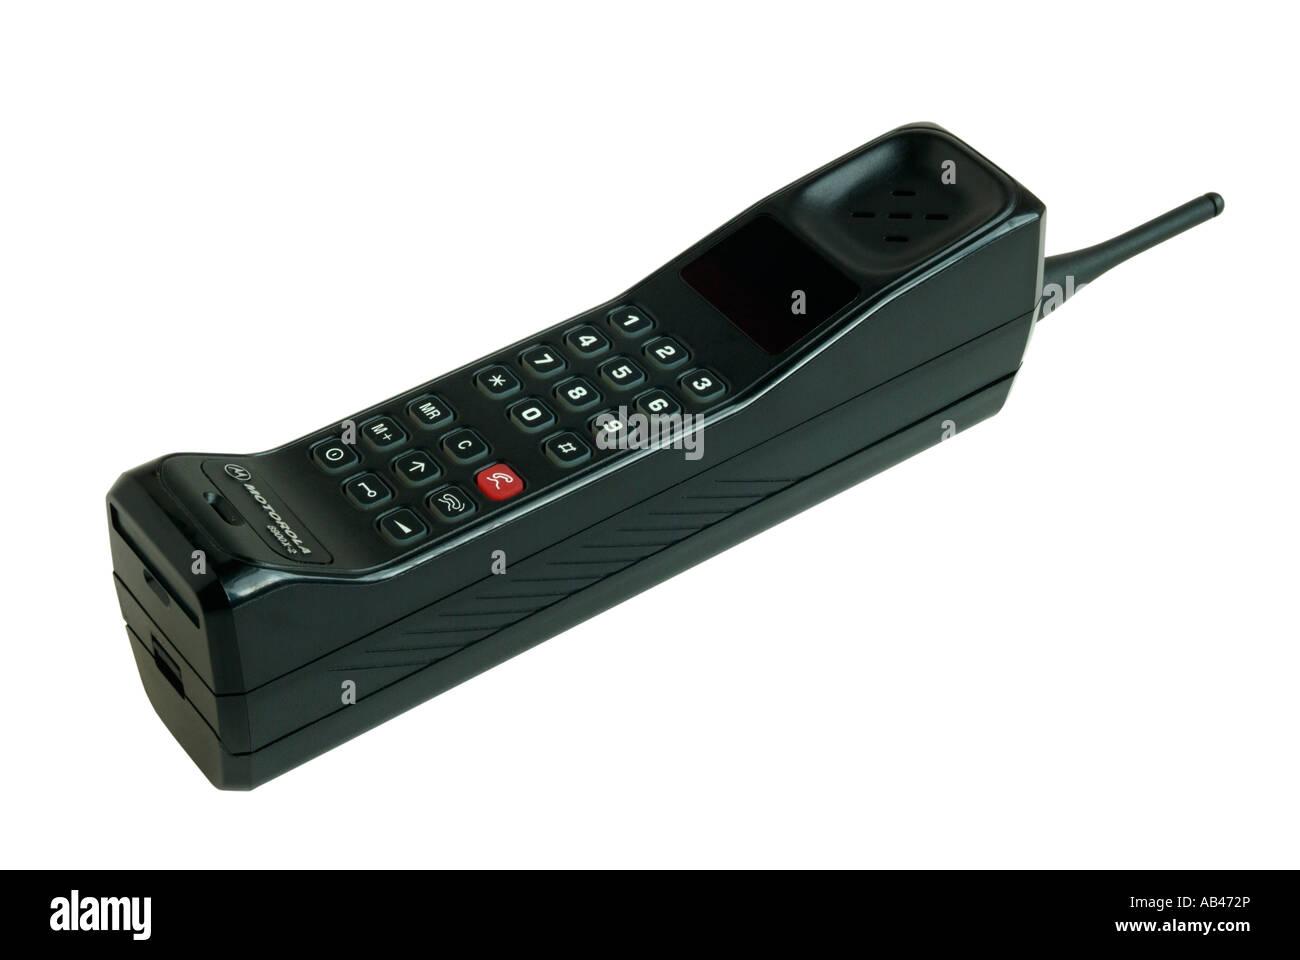 Old fashioned Motorola 8900X-2 analogue mobile phone - Stock Image